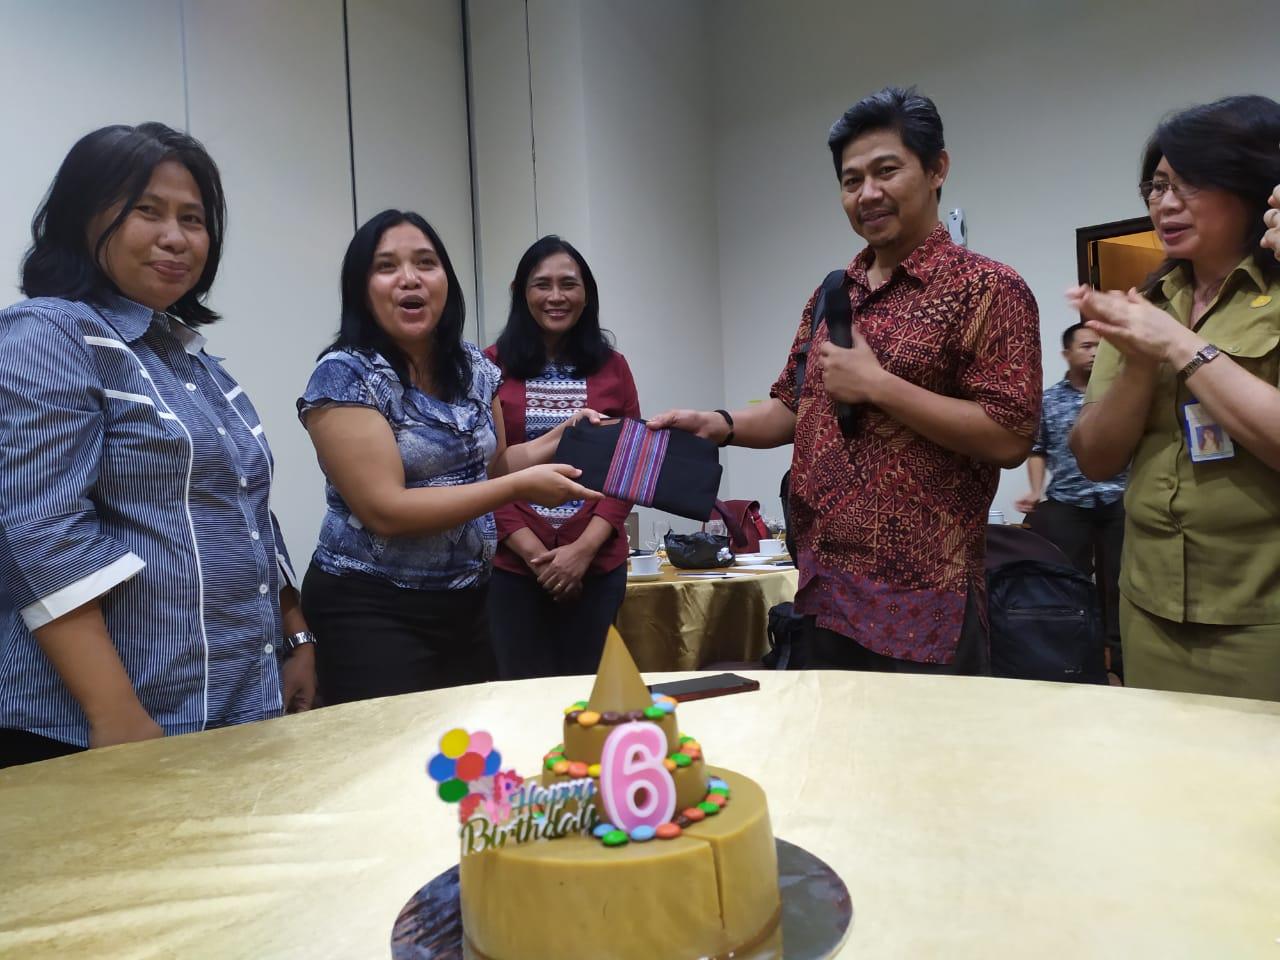 Uni Lubis Jelaskan Alasan Jurnalis Buat 'Berita Tentang Kejahatan': Bimtek Isu Gender dan Anak di Aryaduta Manado